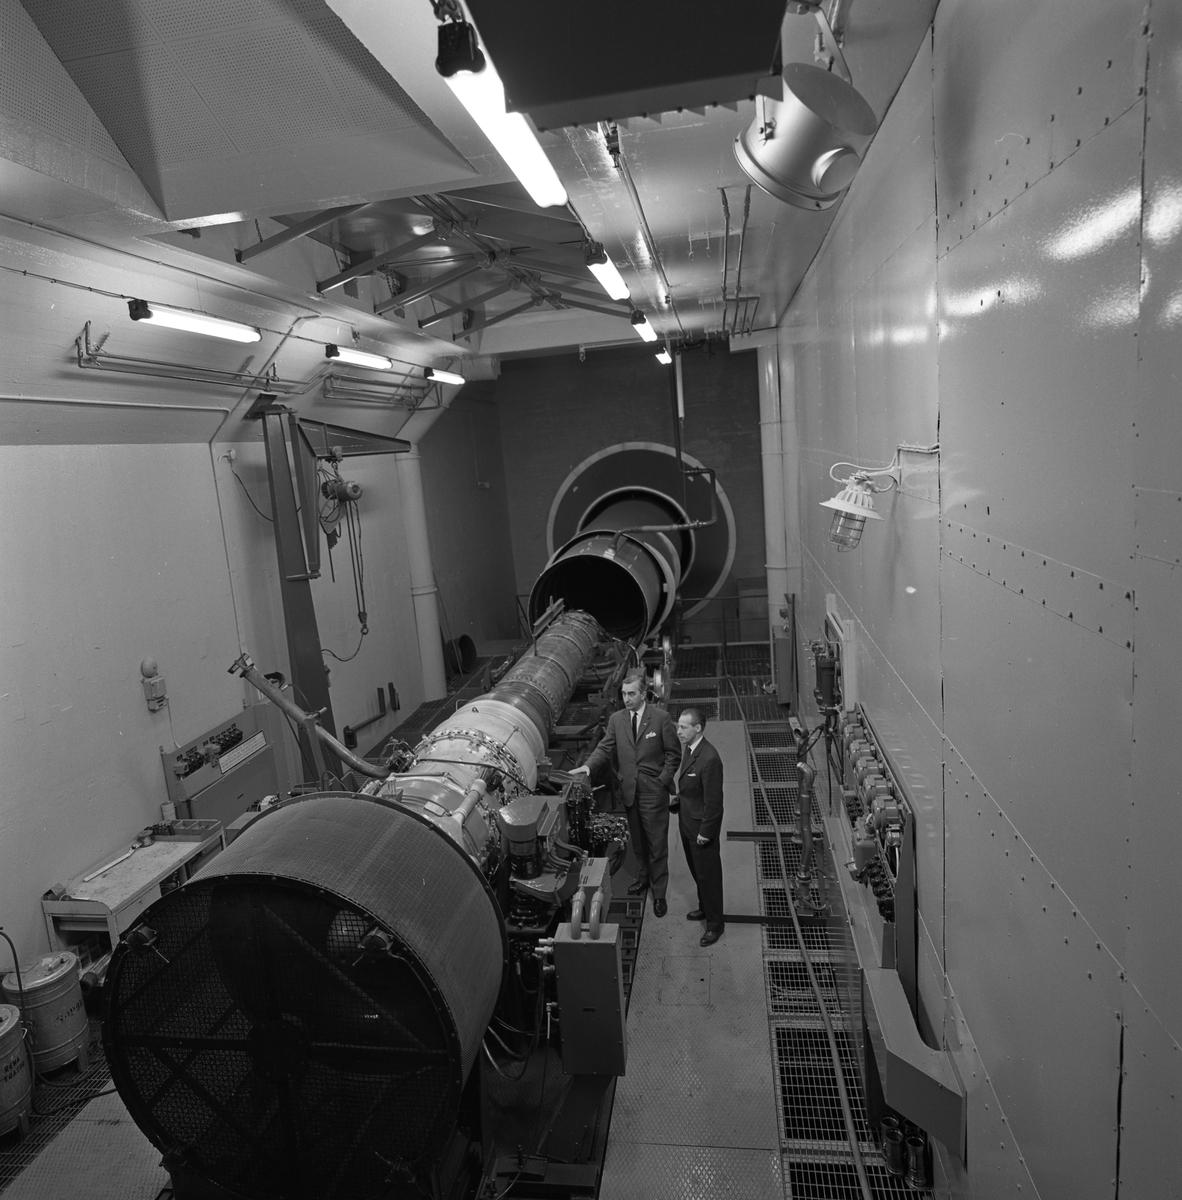 CVA interiör. Ljuddämparen för motorprovning monteras. Anders Högfeldt till vänster. Centrala Verkstaden Arboga